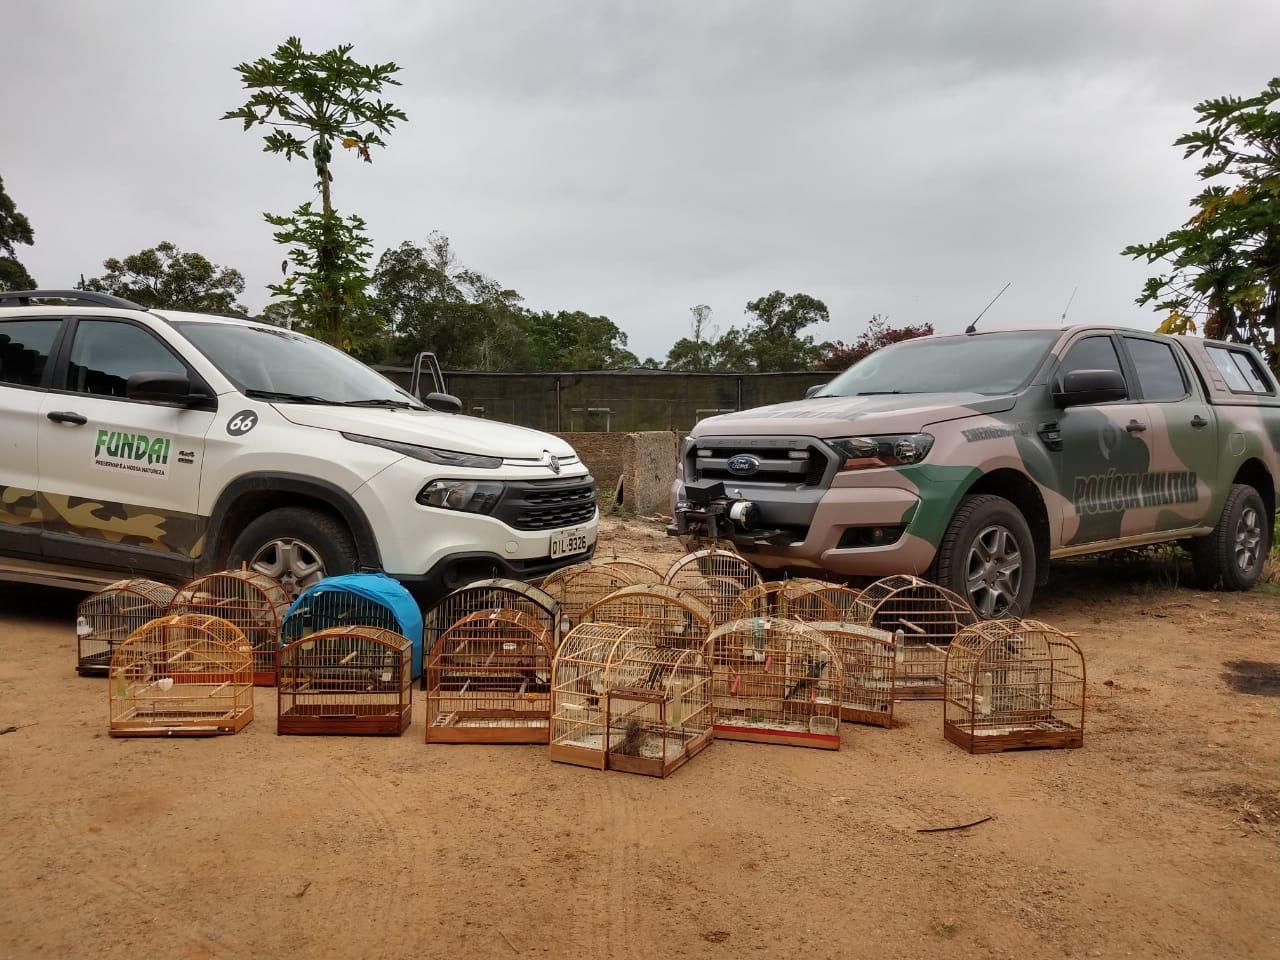 Após denúncia, Fundai e Polícia Ambiental resgatam 21 pássaros silvestres